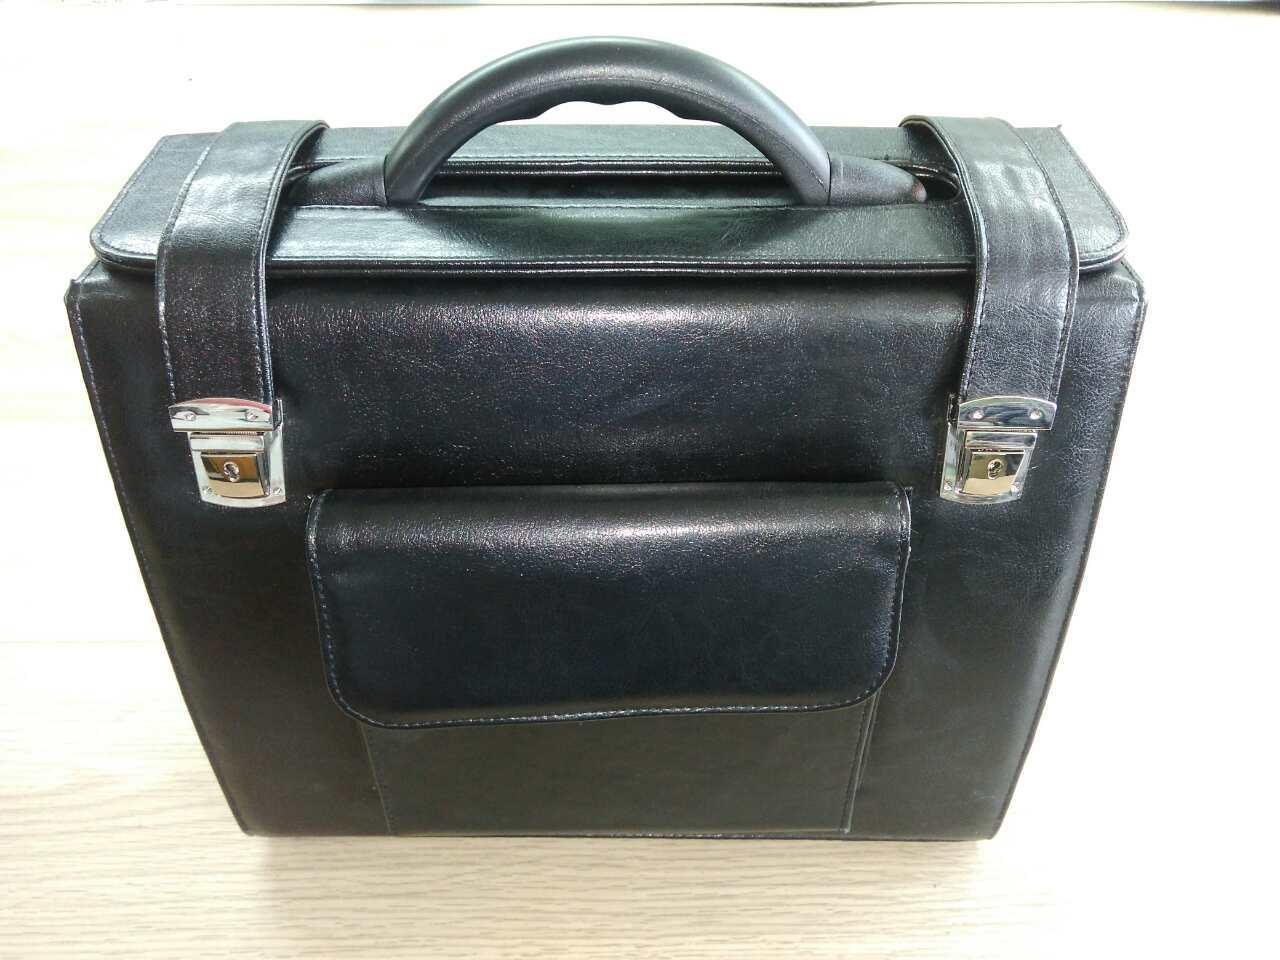 65651677a4b5 СУМКА-УКЛАДКА СЕМЕЙНОГО ВРАЧА 9101. Пошив сумок с логотипом. Пошив папок  сумок рюкзаков портфелей под заказ